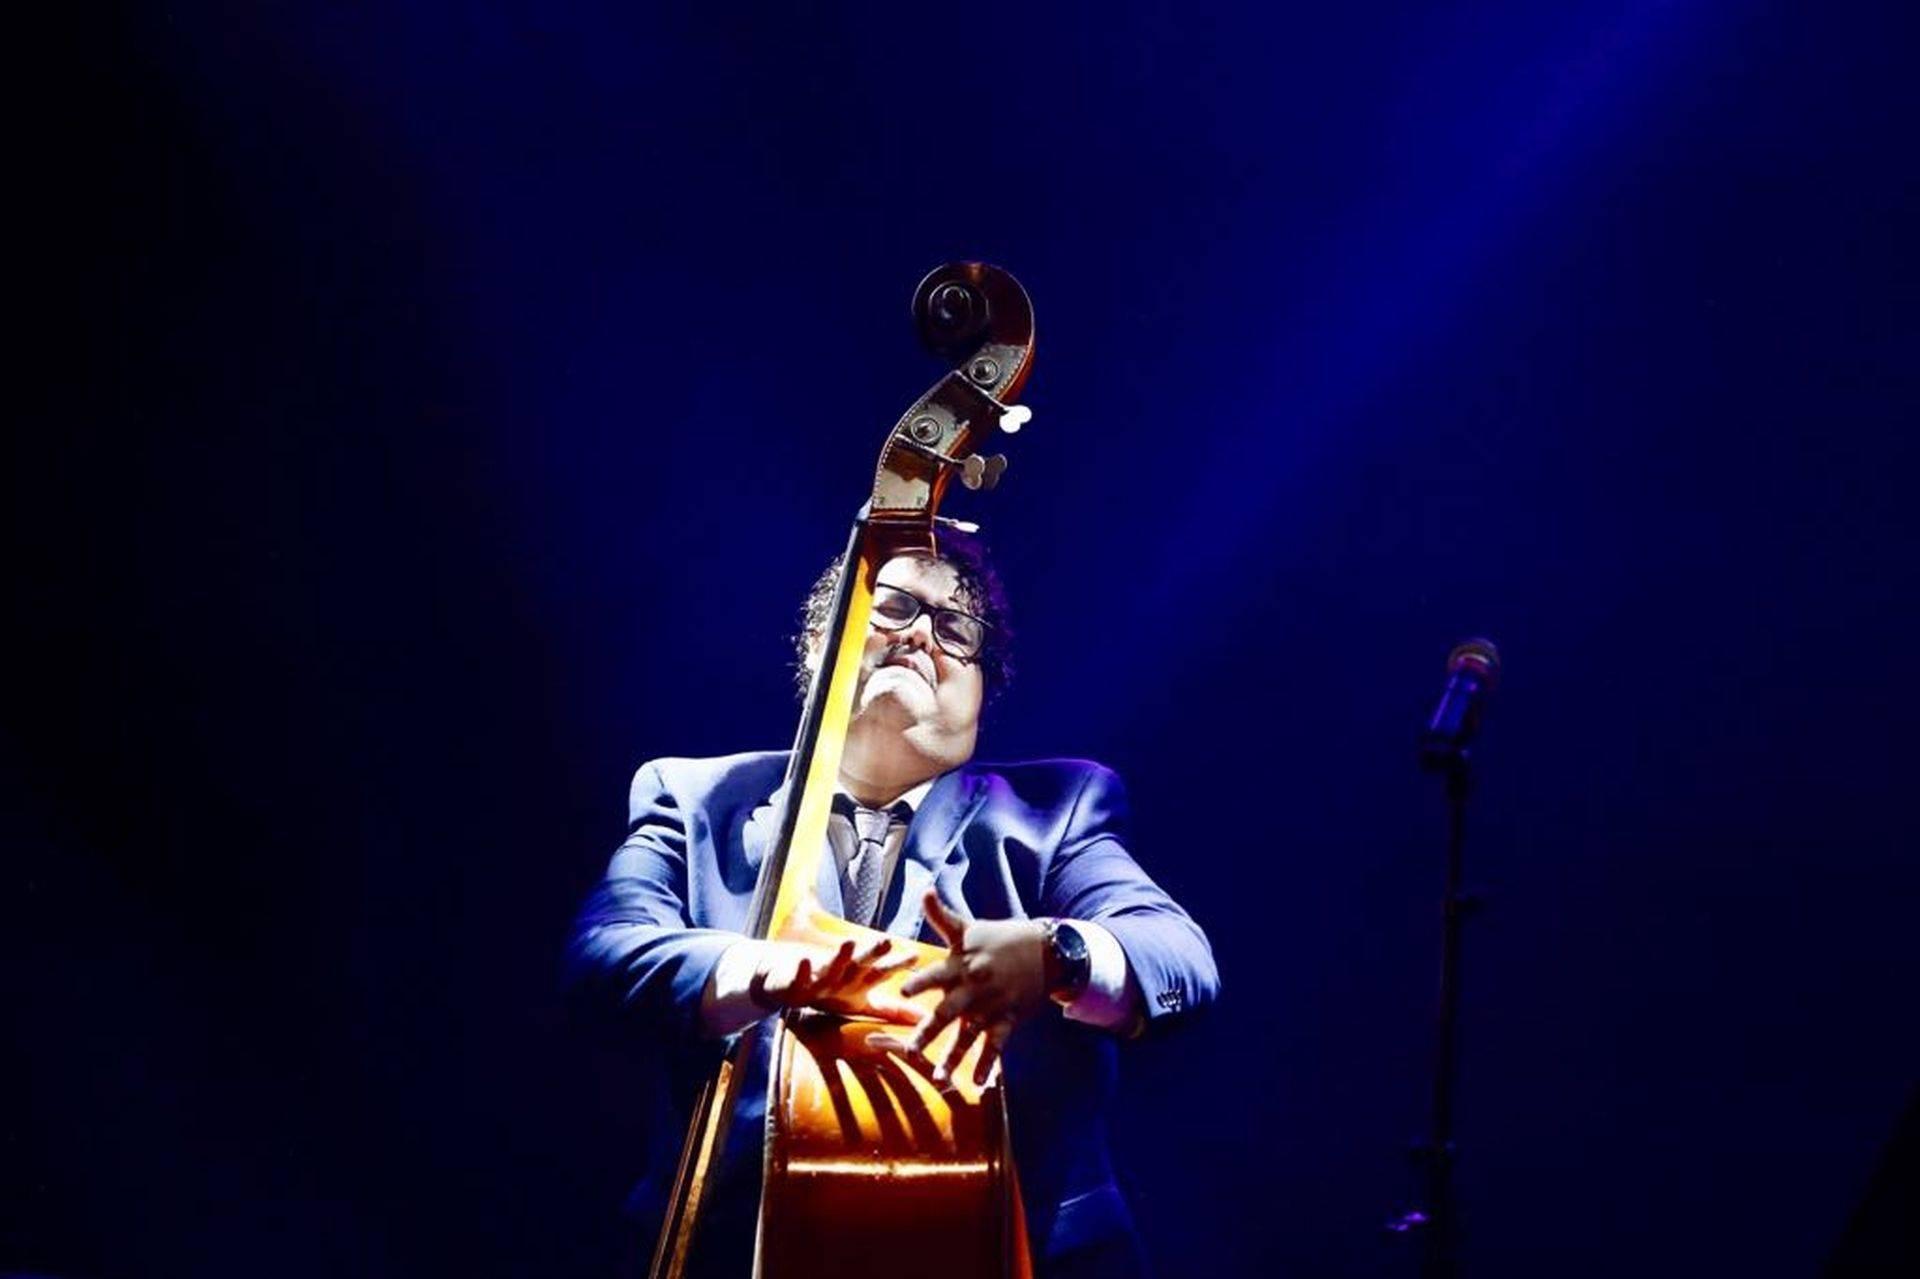 Gastón Joya en la sala Covarrubías del Teatro Nacional de Cuba, en el Festival Jazz Plaza 2019. Foto: Gabriel Guerra Bianchini.